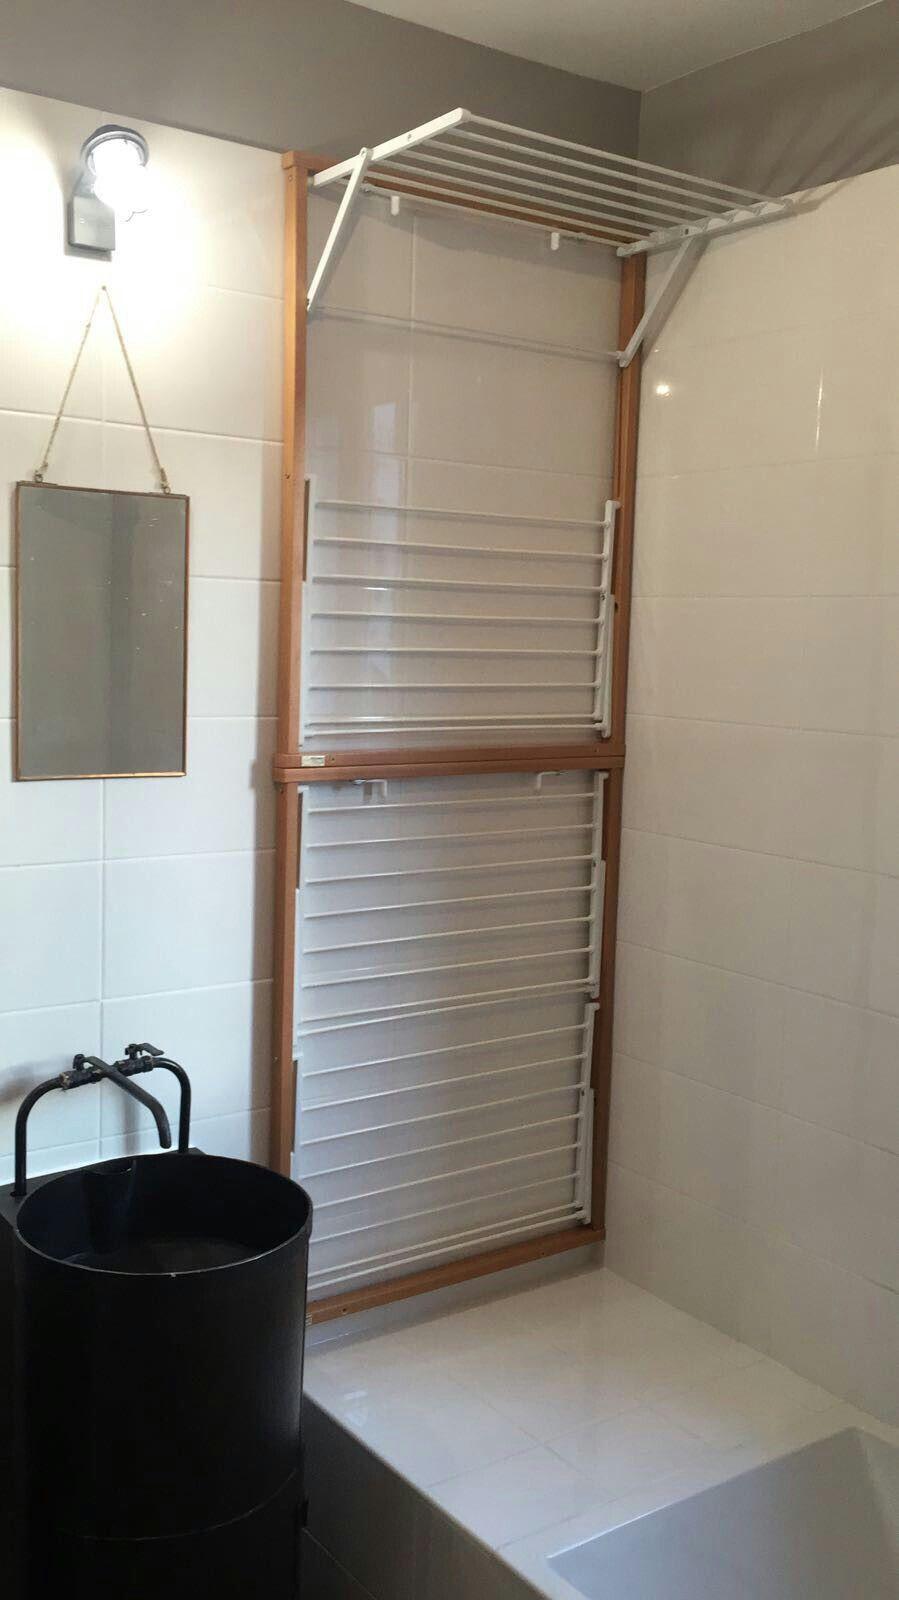 Etendoir Mural Projeto Do Banheiro Sala De Design Lavanderia